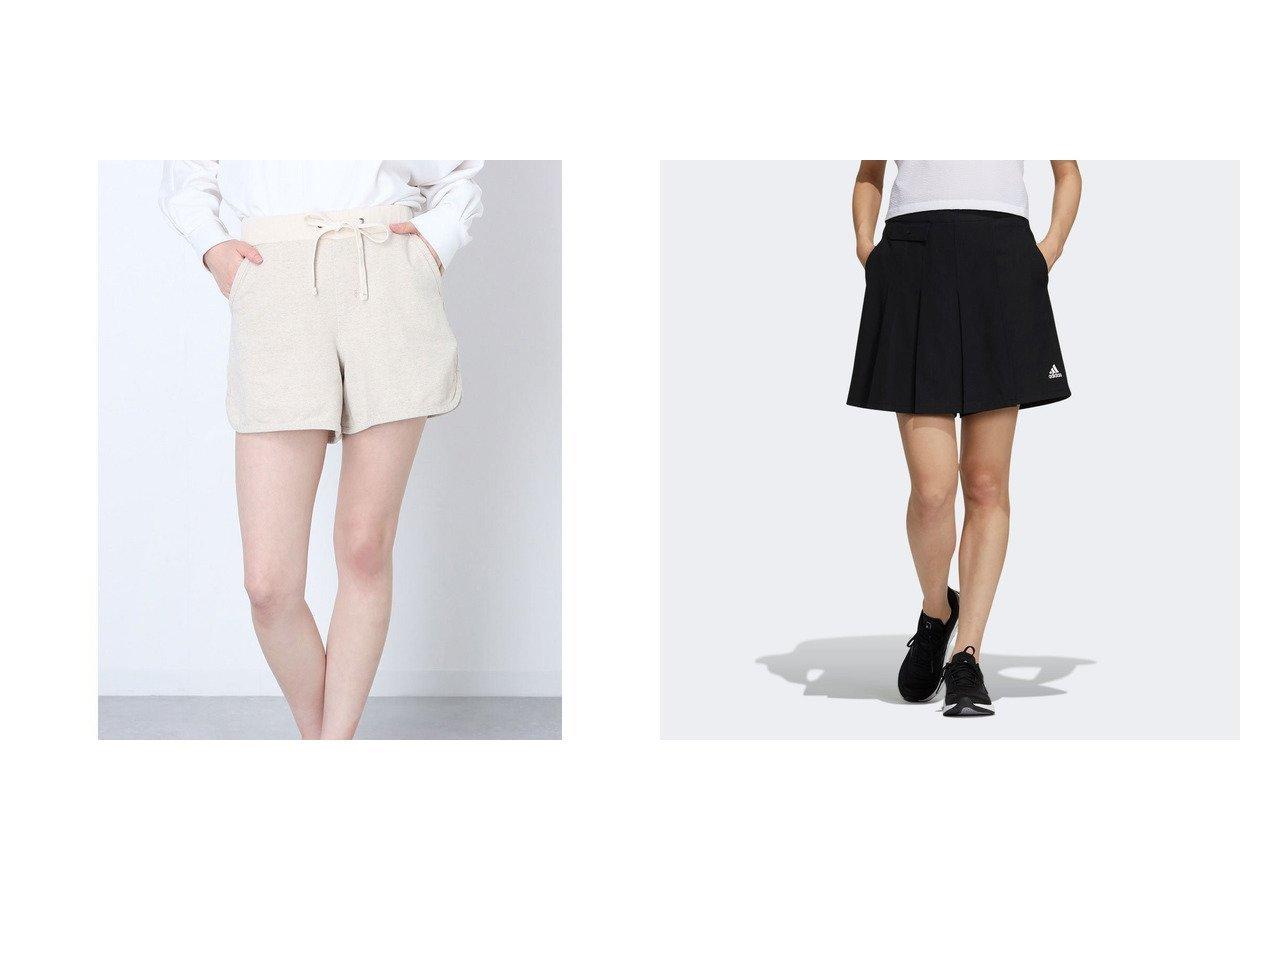 【EDWIN/エドウィン】のエドウィン ショーツ VL214S-134&【adidas/アディダス】のテック ウーブンショーツ Tech Woven Shorts おすすめ!人気、トレンド・レディースファッションの通販 おすすめで人気の流行・トレンド、ファッションの通販商品 インテリア・家具・メンズファッション・キッズファッション・レディースファッション・服の通販 founy(ファニー) https://founy.com/ ファッション Fashion レディースファッション WOMEN ショーツ ショート ポケット 楽ちん 2021年 2021 2021春夏・S/S SS/Spring/Summer/2021 S/S・春夏 SS・Spring/Summer ストレッチ ツイル フロント プリーツ 春 Spring |ID:crp329100000042370